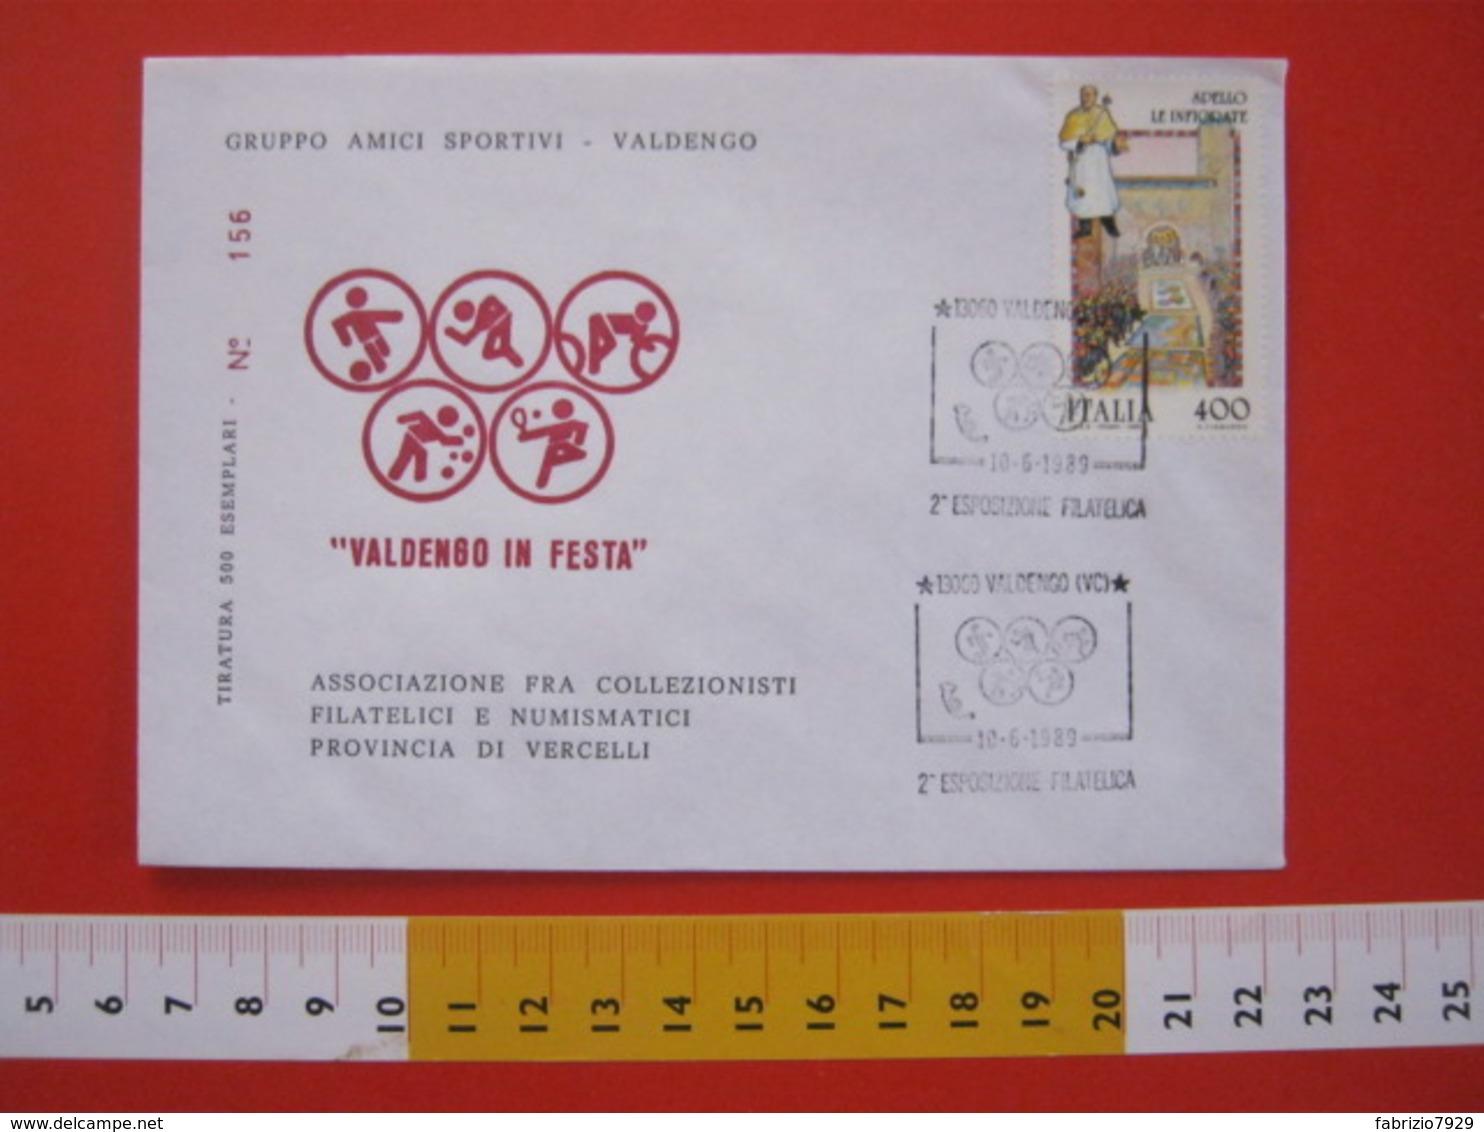 A.08 ITALIA ANNULLO - 1989 VALDENGO VERCELLI BIELLA ESPOSIZIONE FILATELICA SPORT CALCIO ATLETICA CICLISMO BOCCE TENNIS - Ciclismo